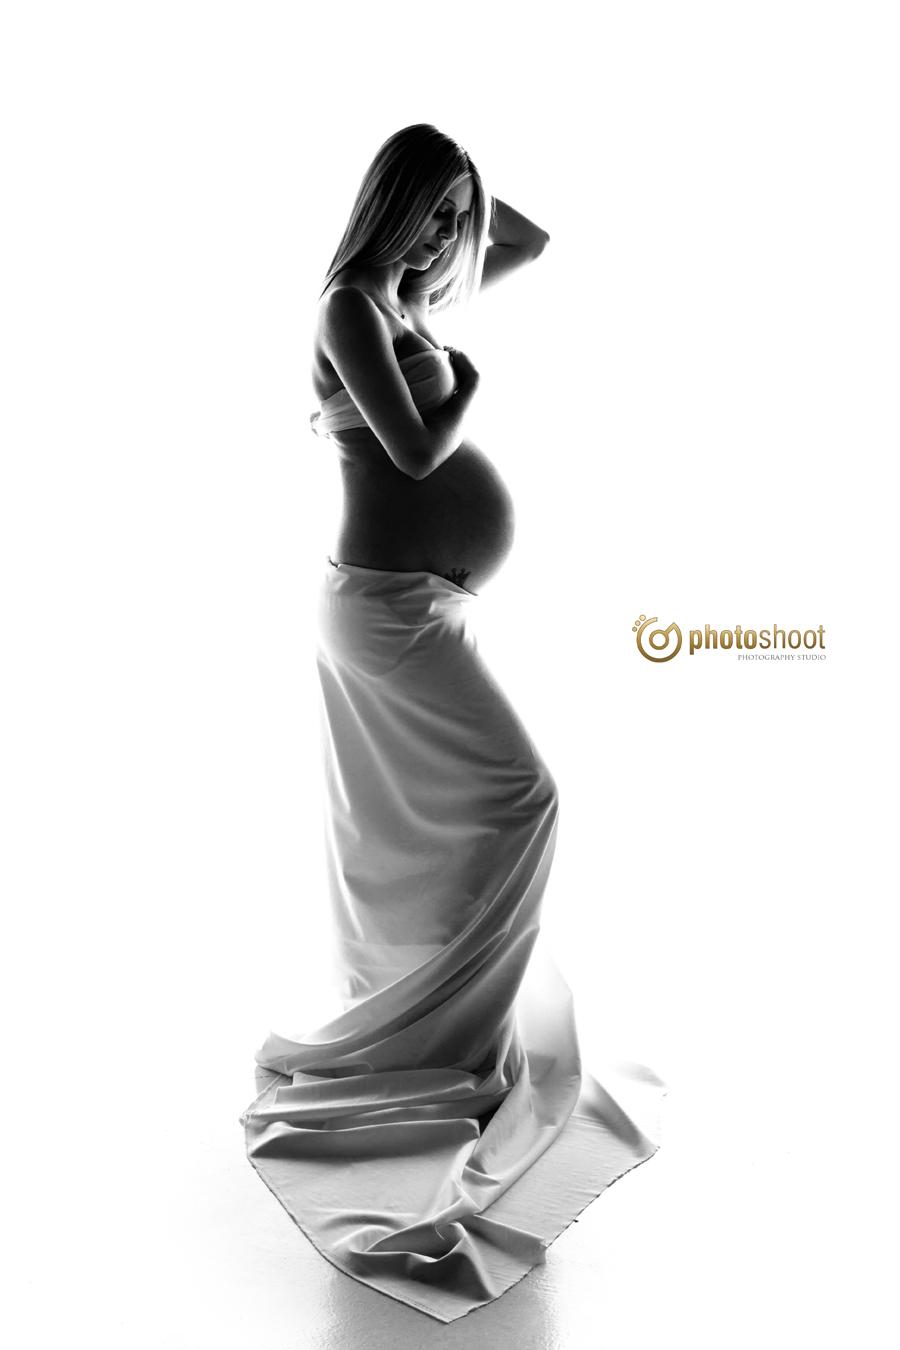 φωτογραφηση εγκυμοσυνης